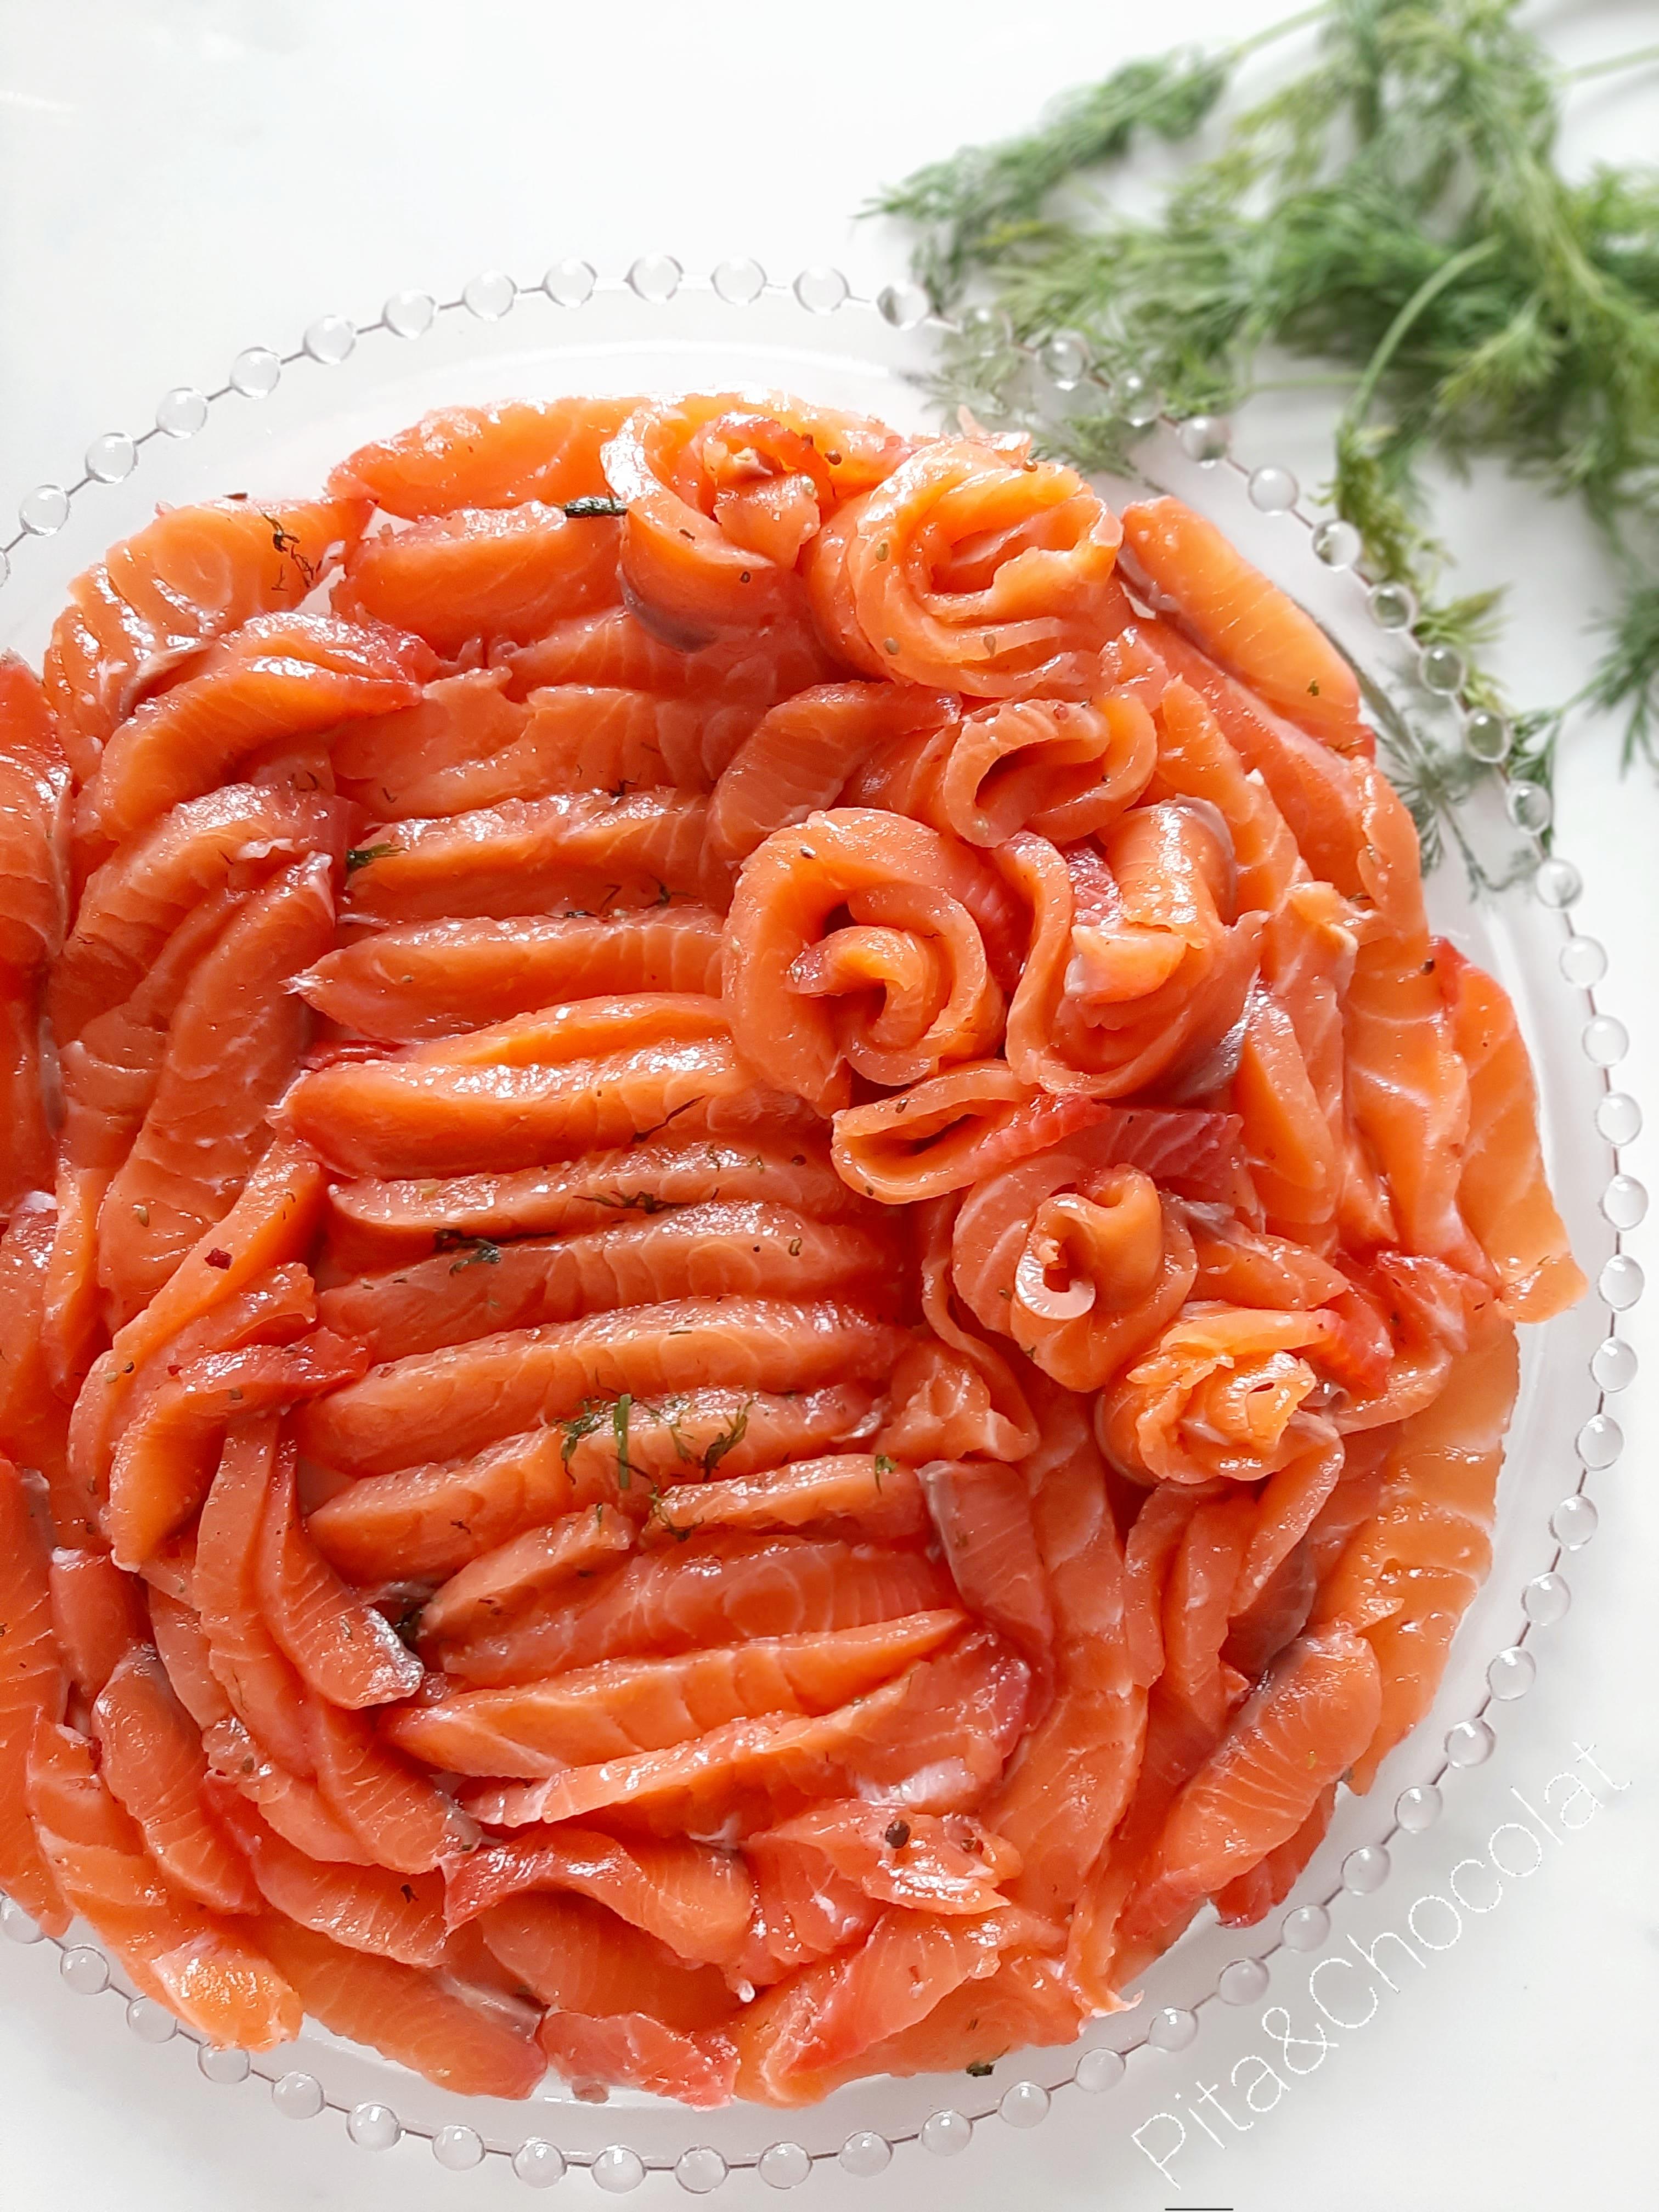 Saumon gravlax - saumon mariné à la scandinave